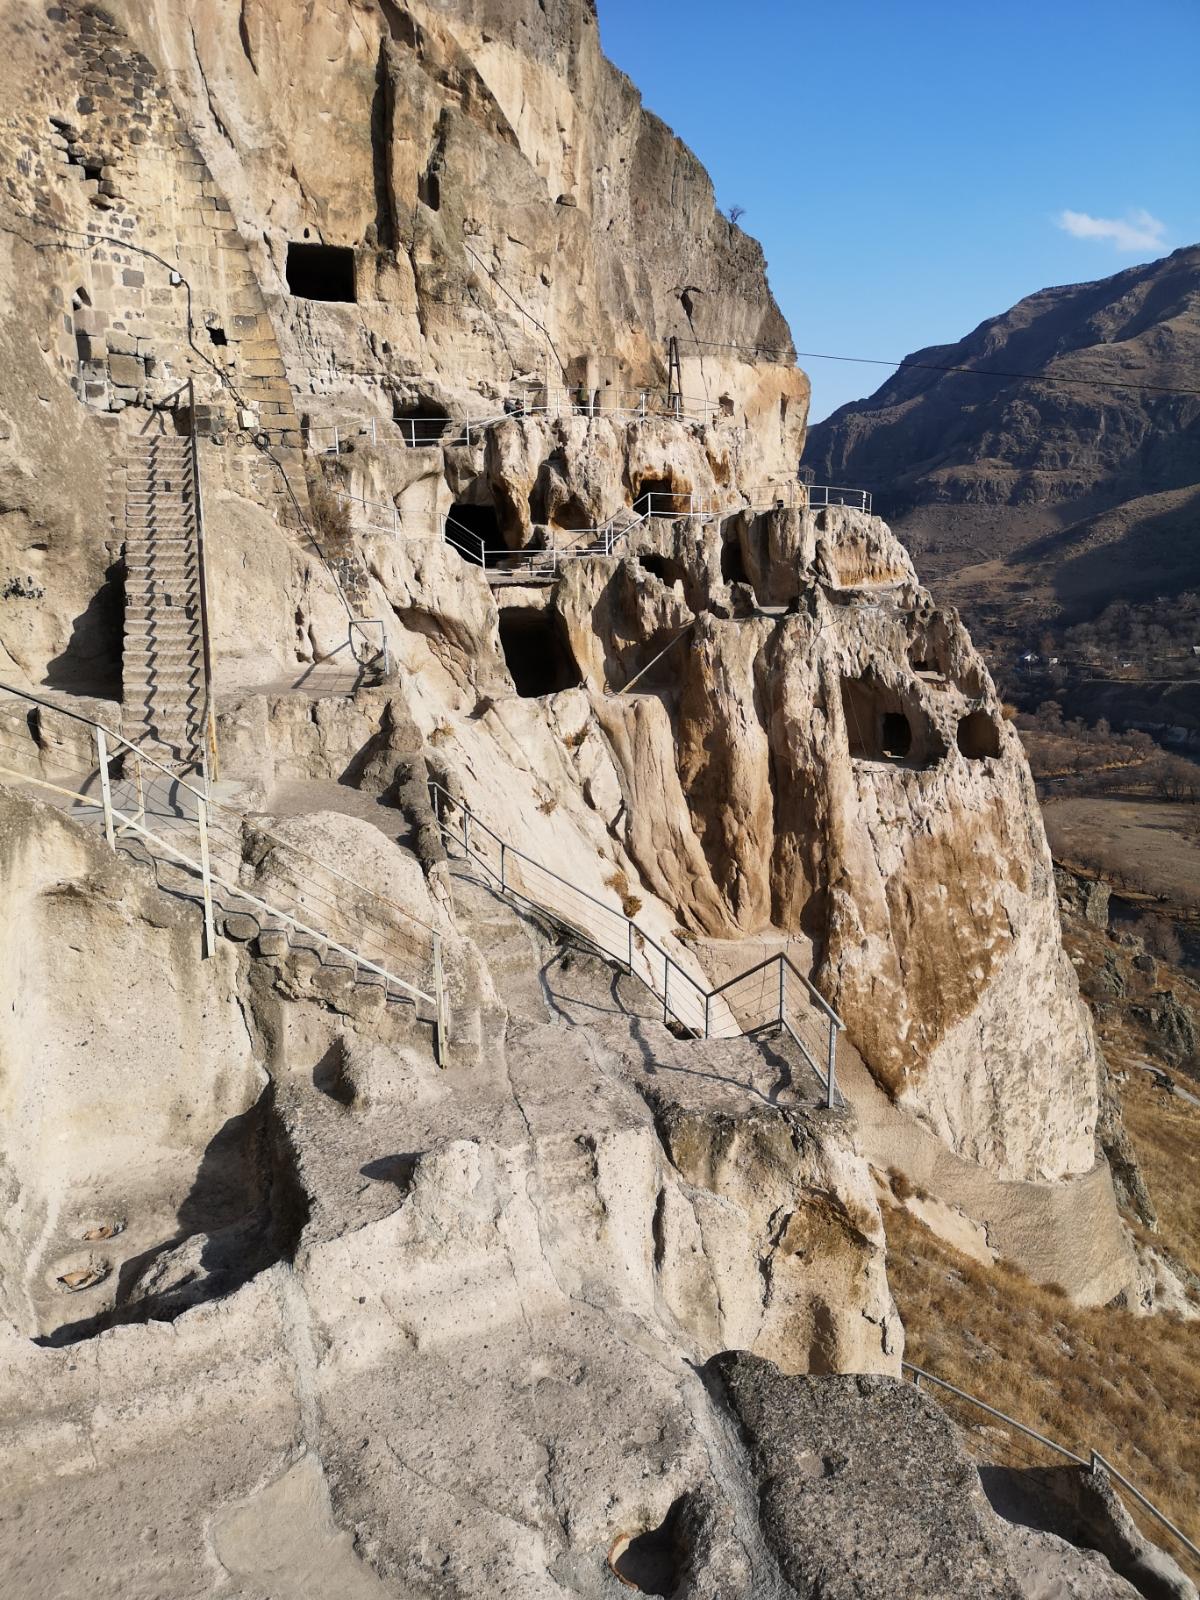 klasztor wardzia vardzia gruzja skalne miasto panorama jak dojechać jaskinie georgia jak dojechać